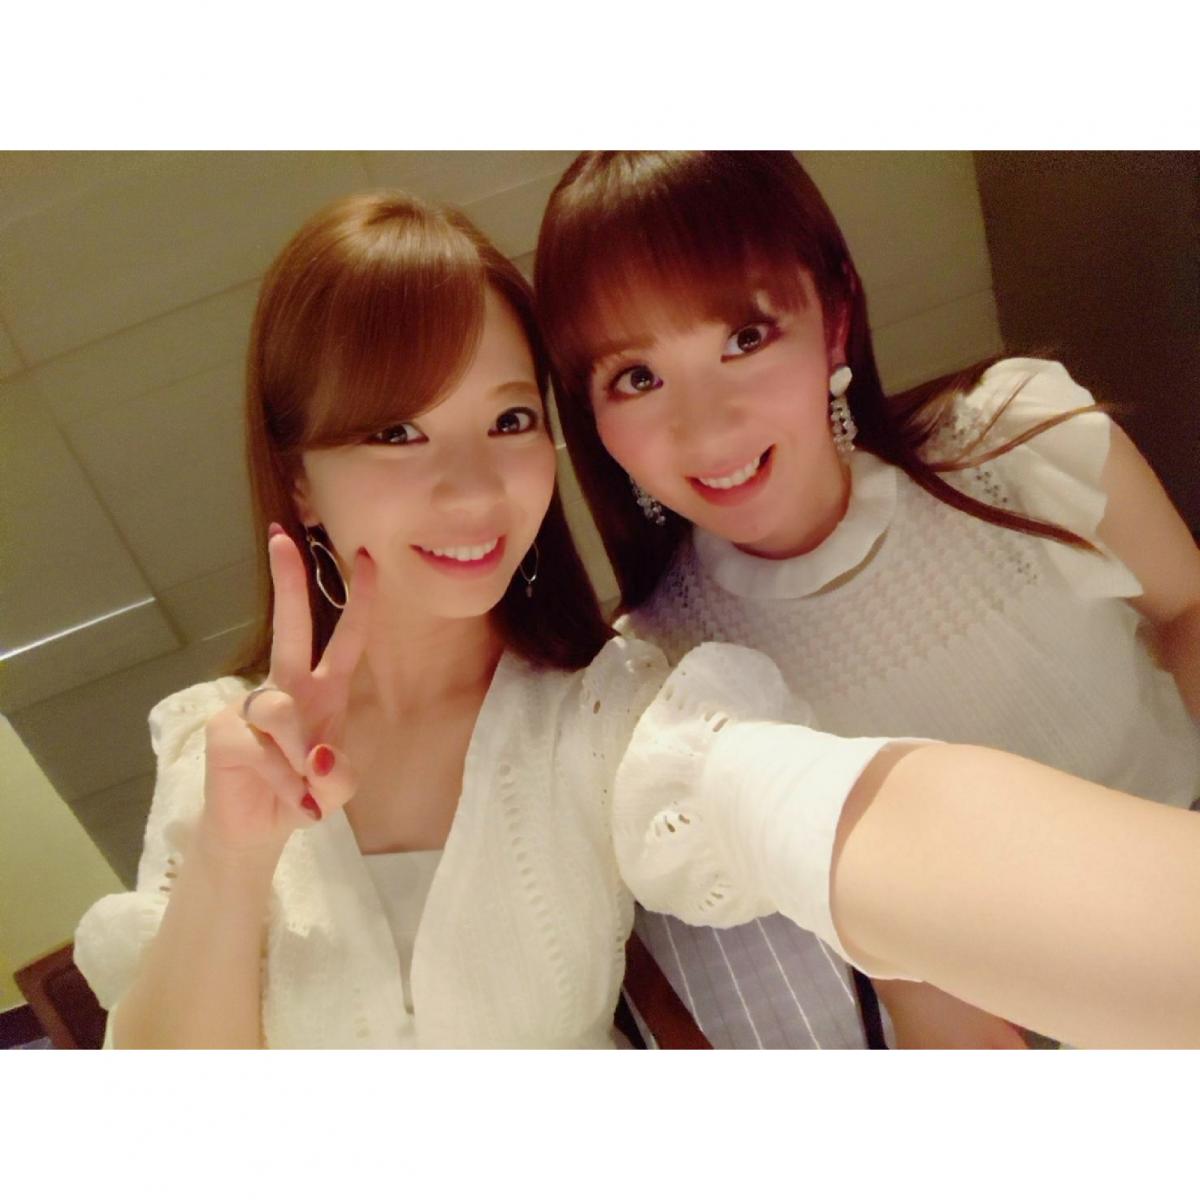 クラウドファンディング後16日!!